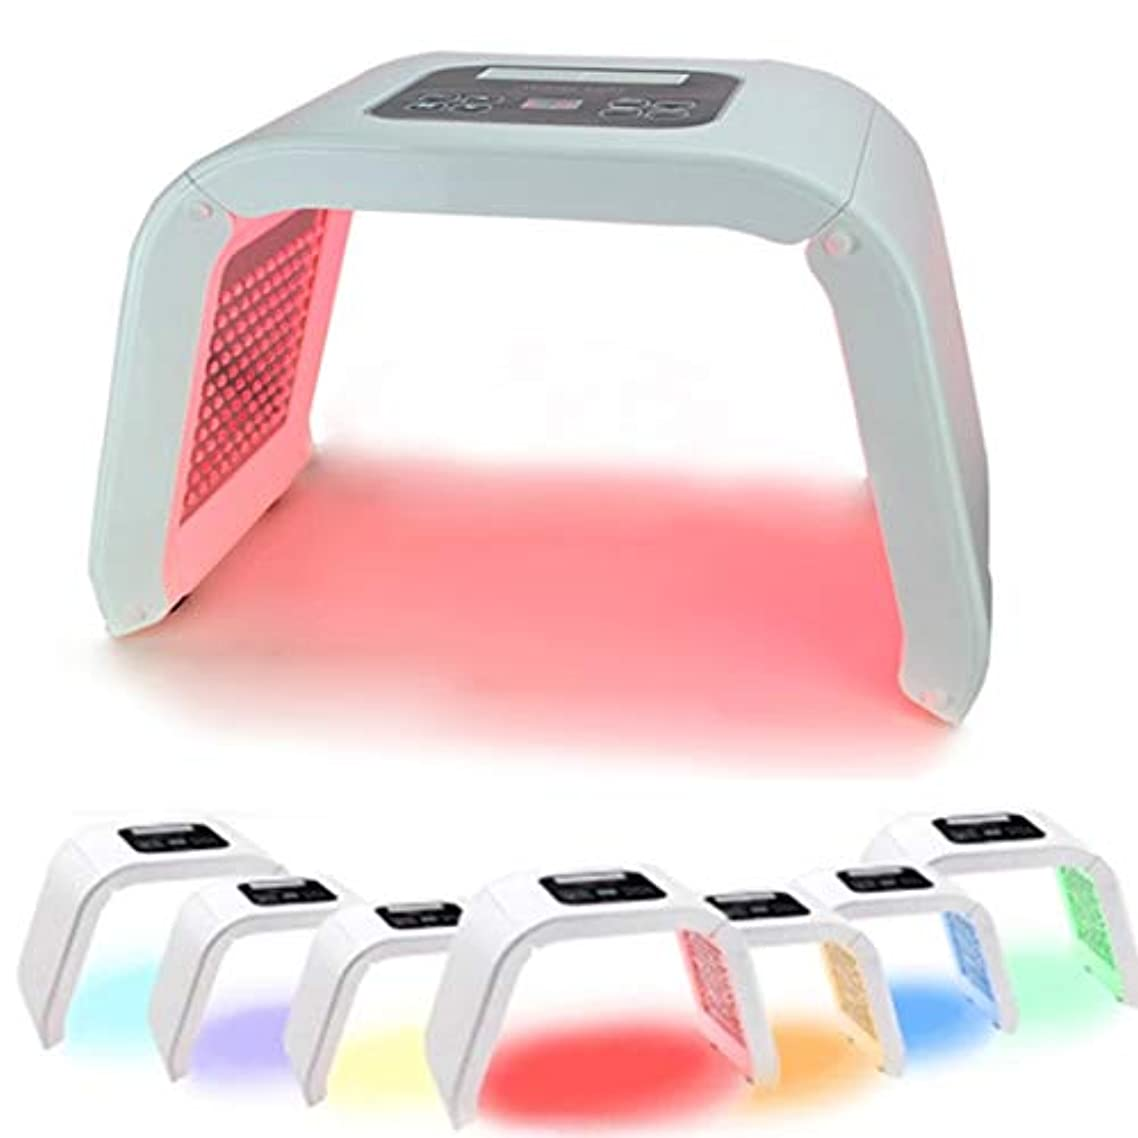 その間征服日付7色がフェイスネックボディのための顔光子レッドライトセラピーアンチリンクルホワイトニングマシン光線力学をLED